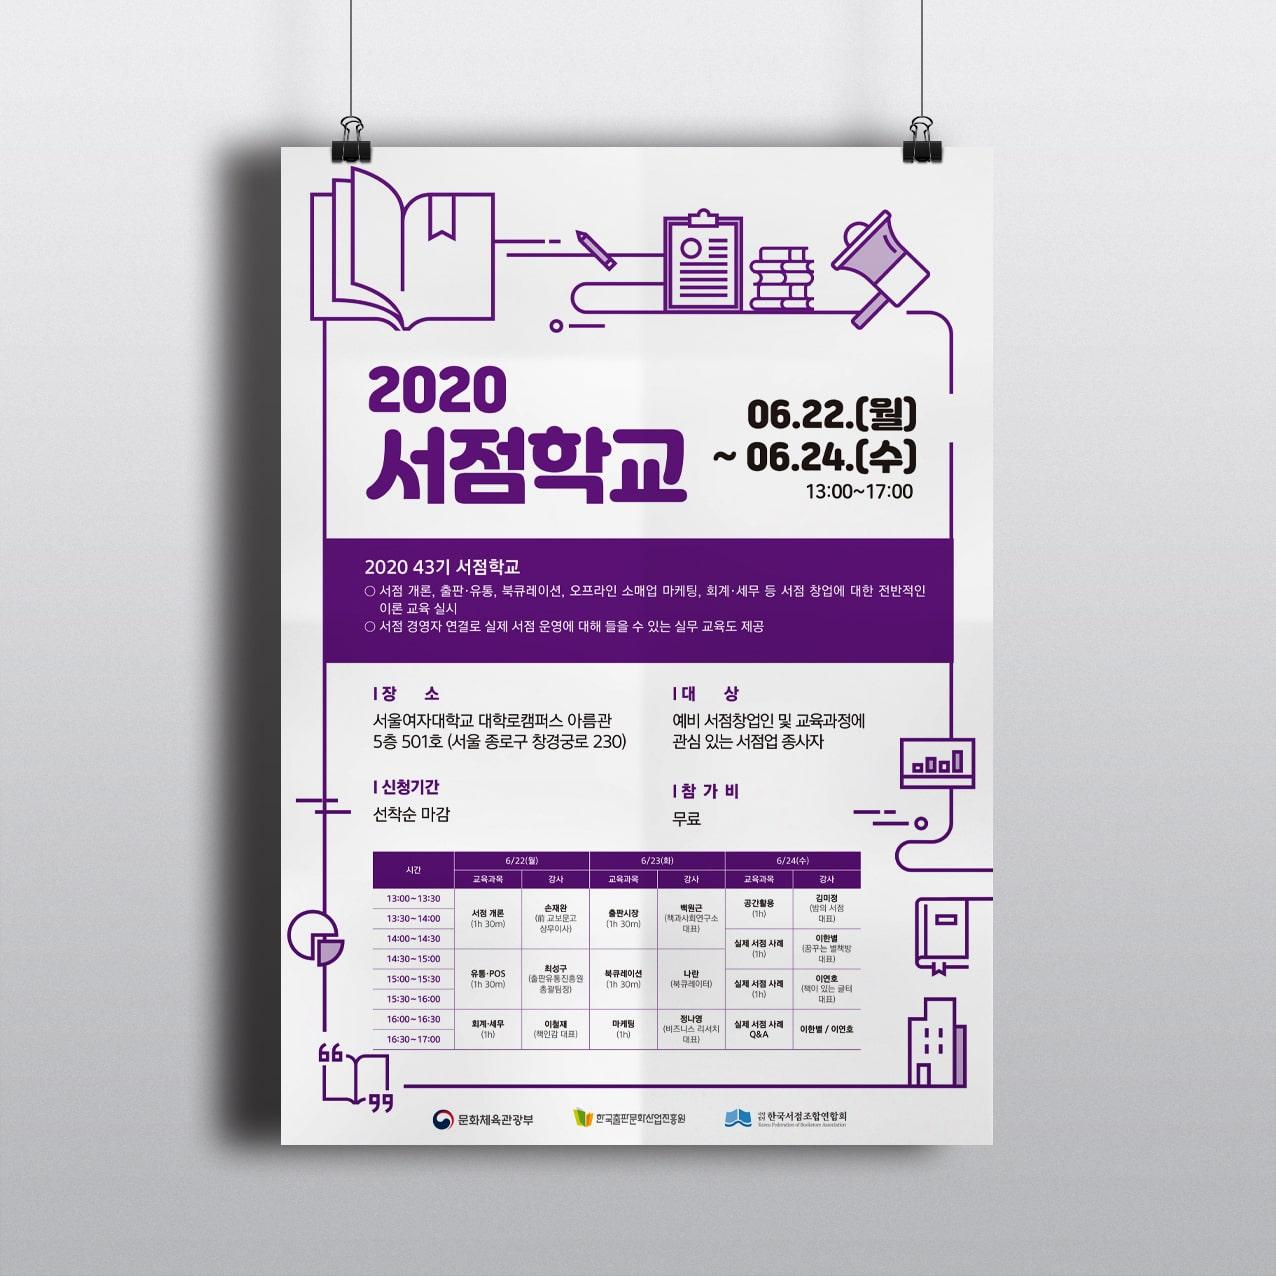 2020 서점학교 포스터 디자인 시안 - 한국서점조합연합회 네모연구소